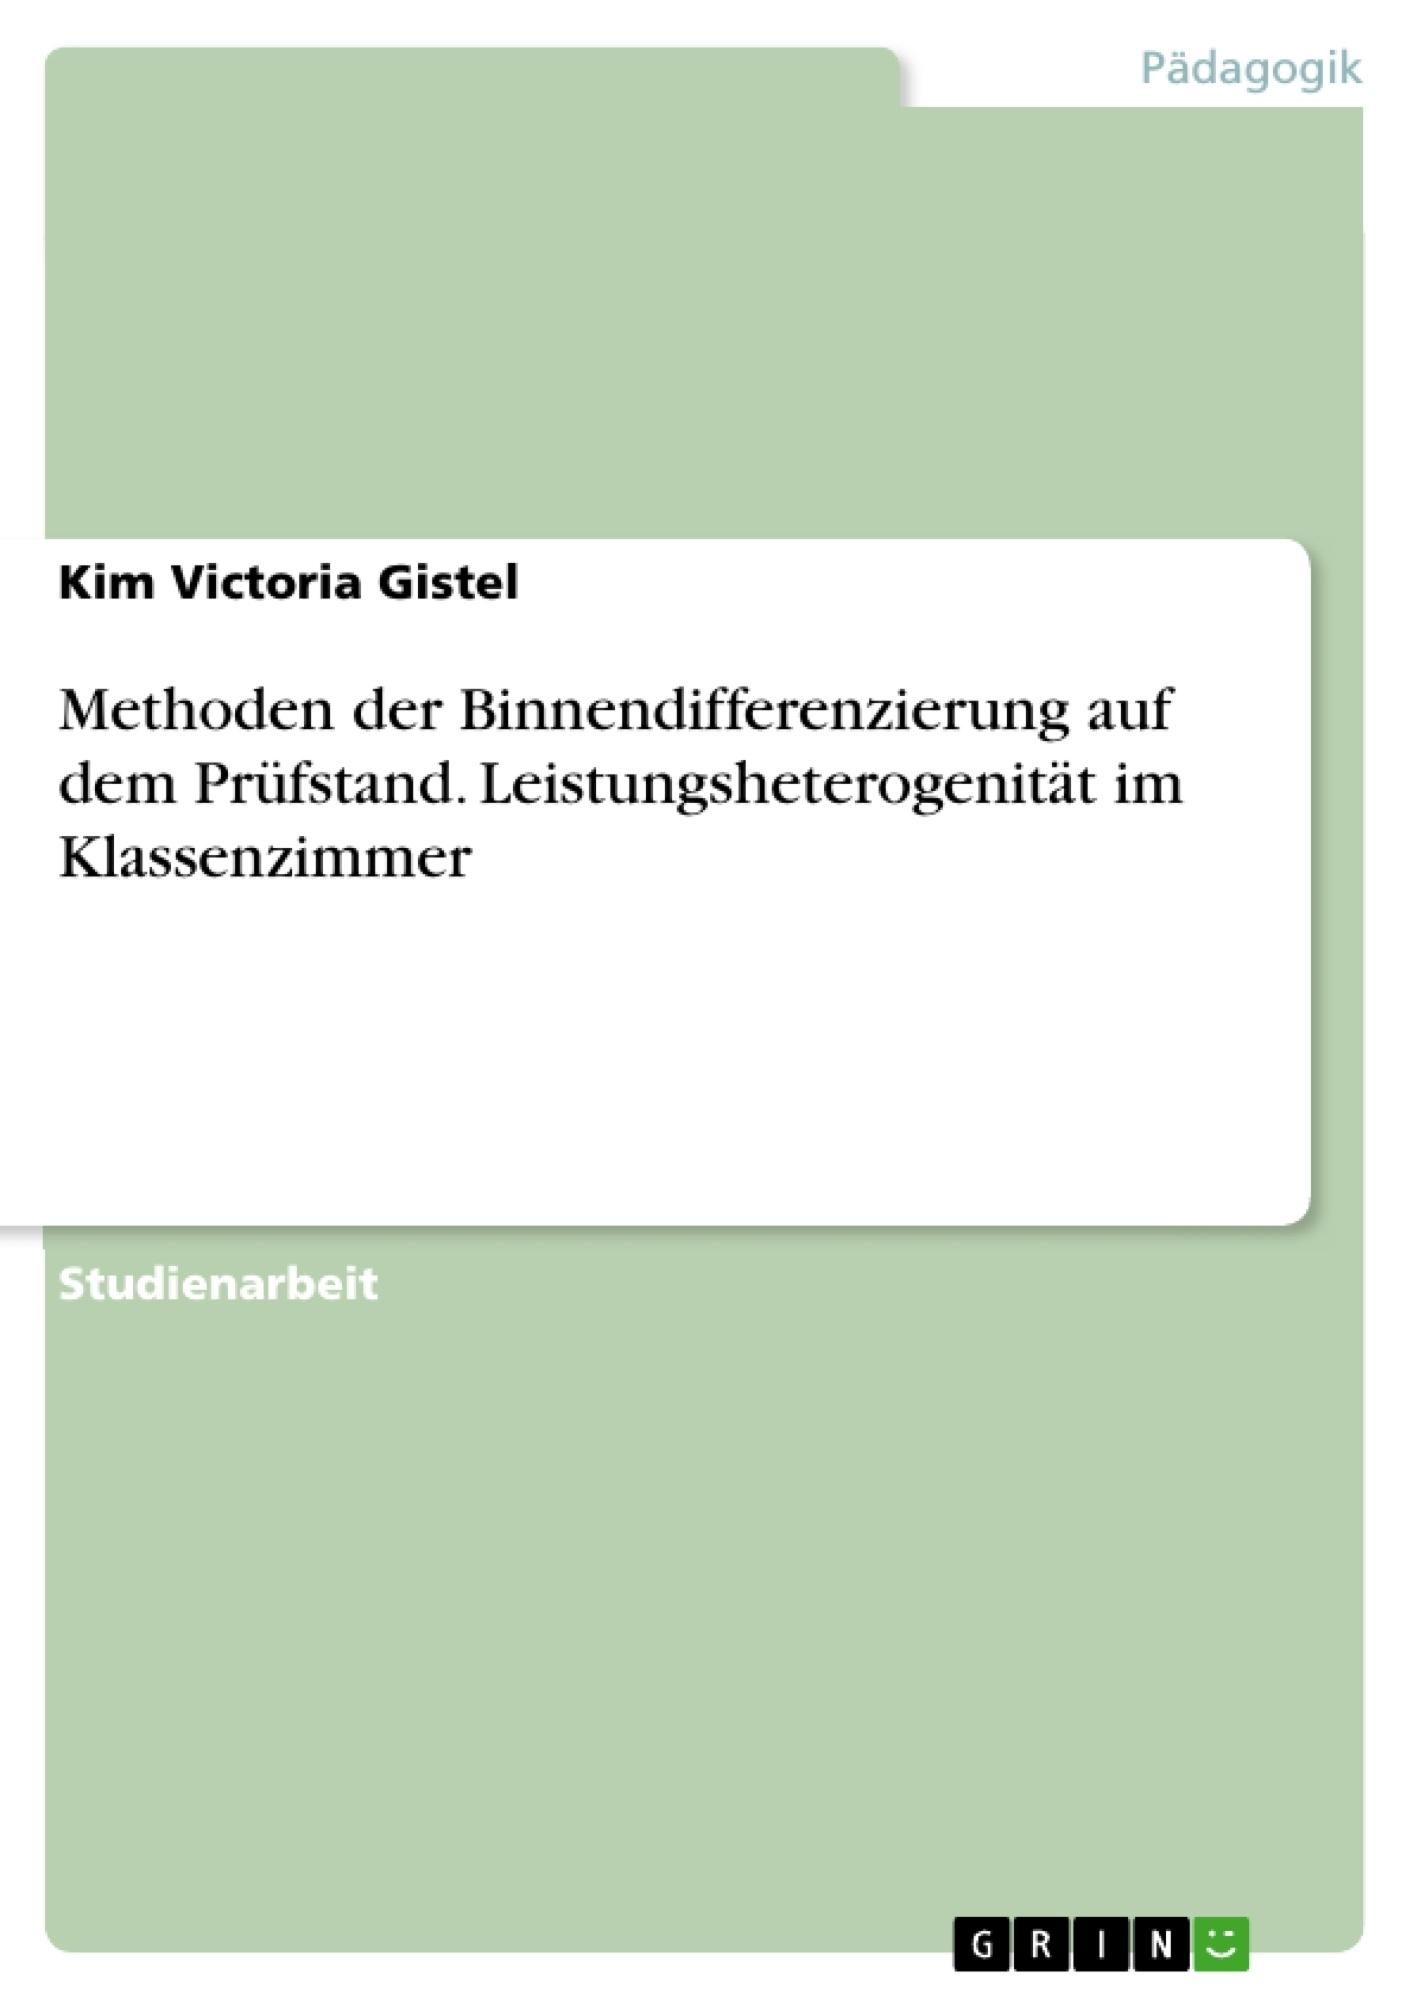 Titel: Methoden der Binnendifferenzierung auf dem Prüfstand. Leistungsheterogenität im Klassenzimmer